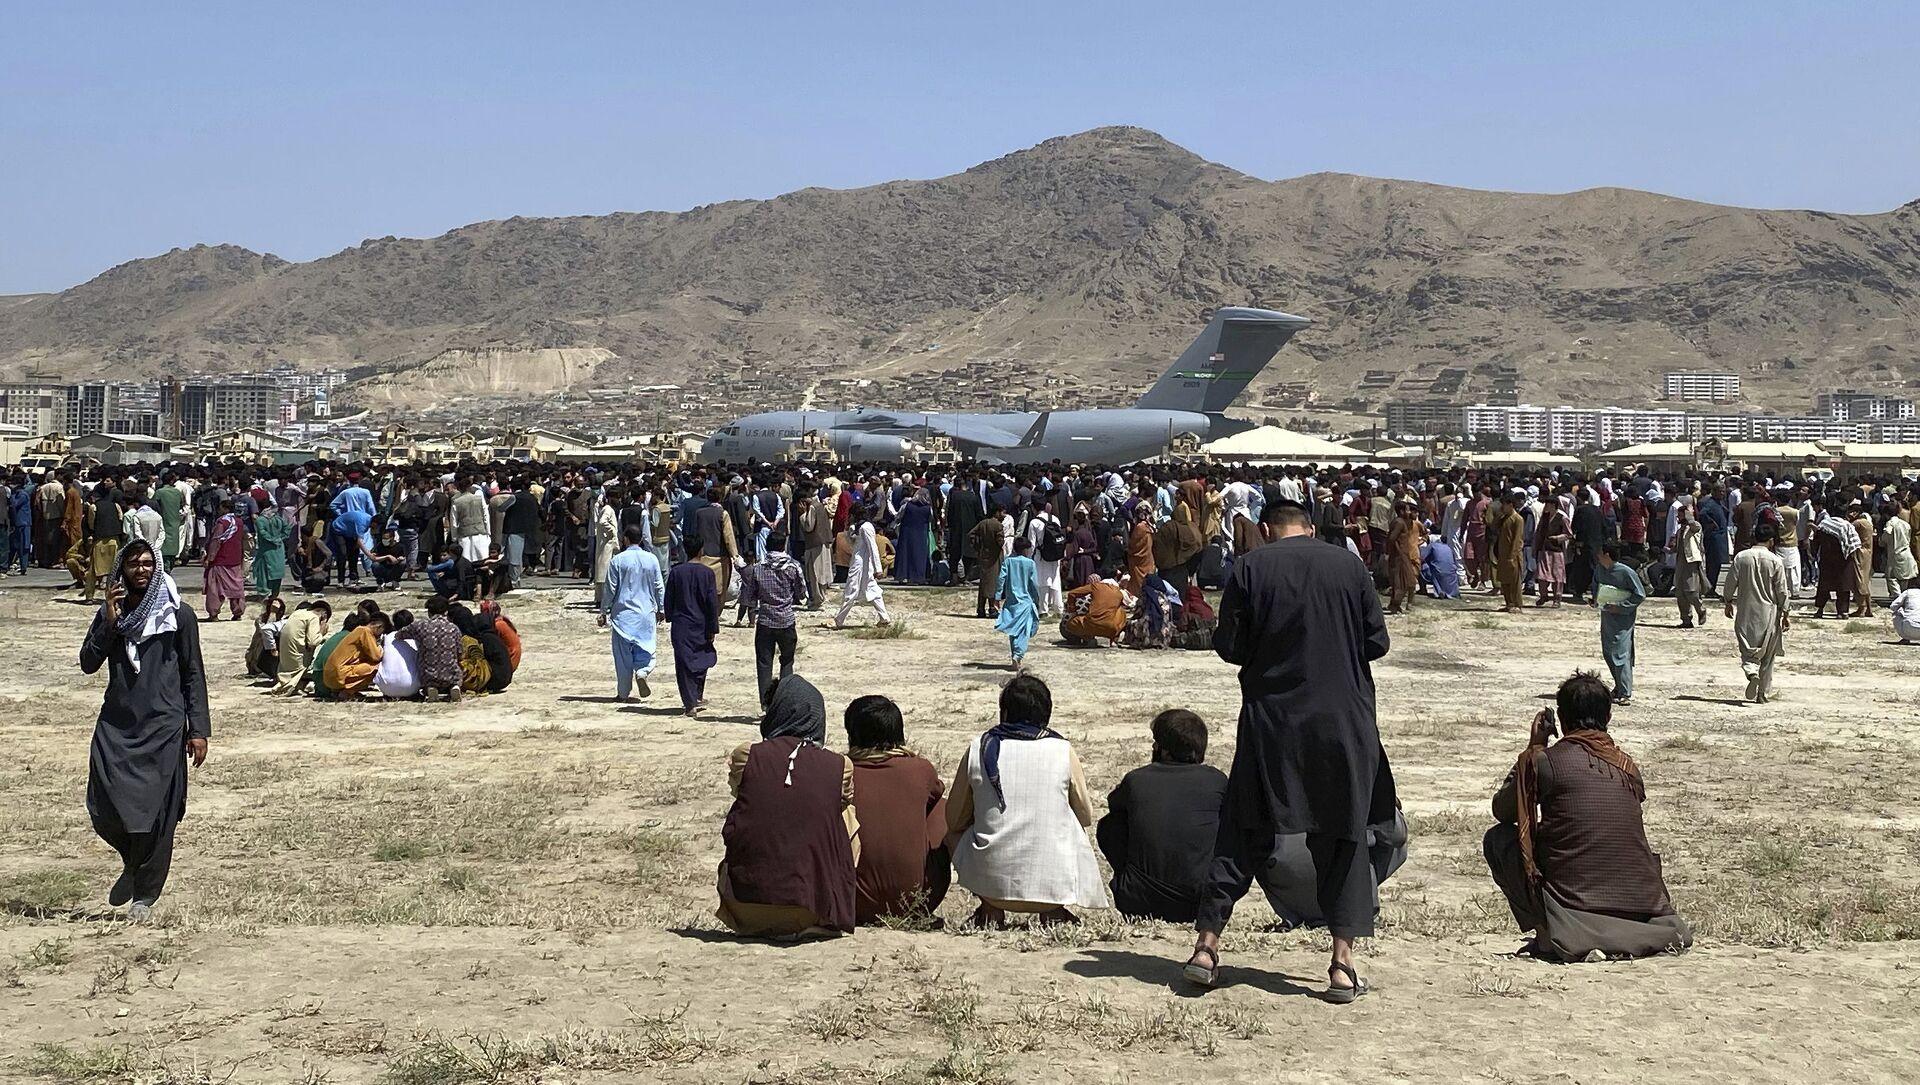 L'aéroport de Kaboul, le 16 août 2021 - Sputnik France, 1920, 04.09.2021